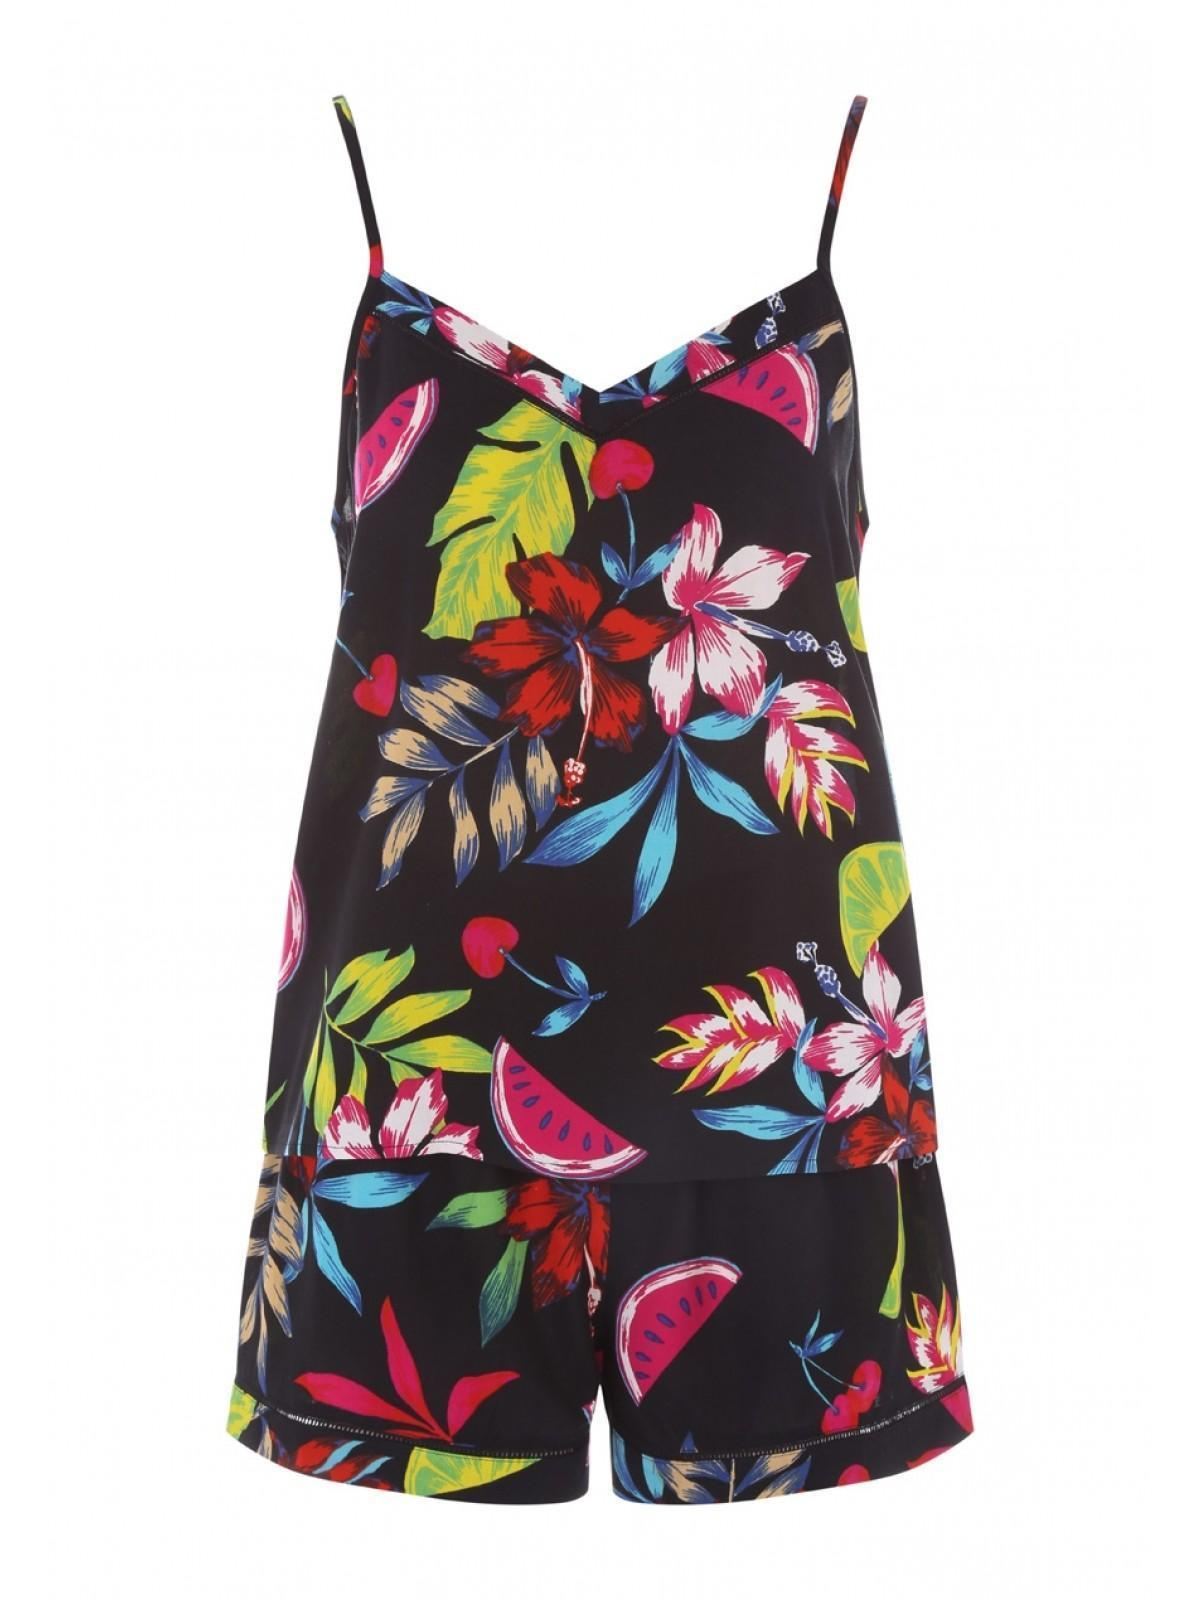 ec7dae45c4 Home; Womens Black Tropical Top And Short Pyjama Set. Back. PreviousNext